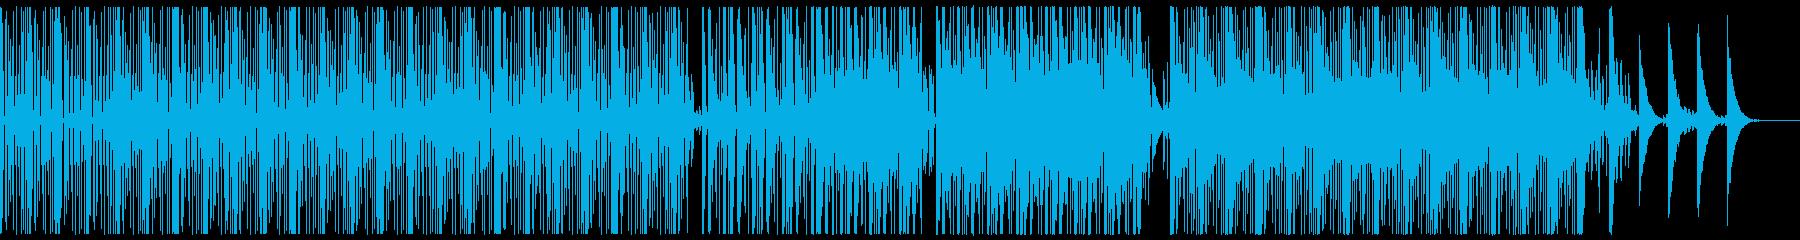 ちょっと切ない感じのビートミュージックの再生済みの波形